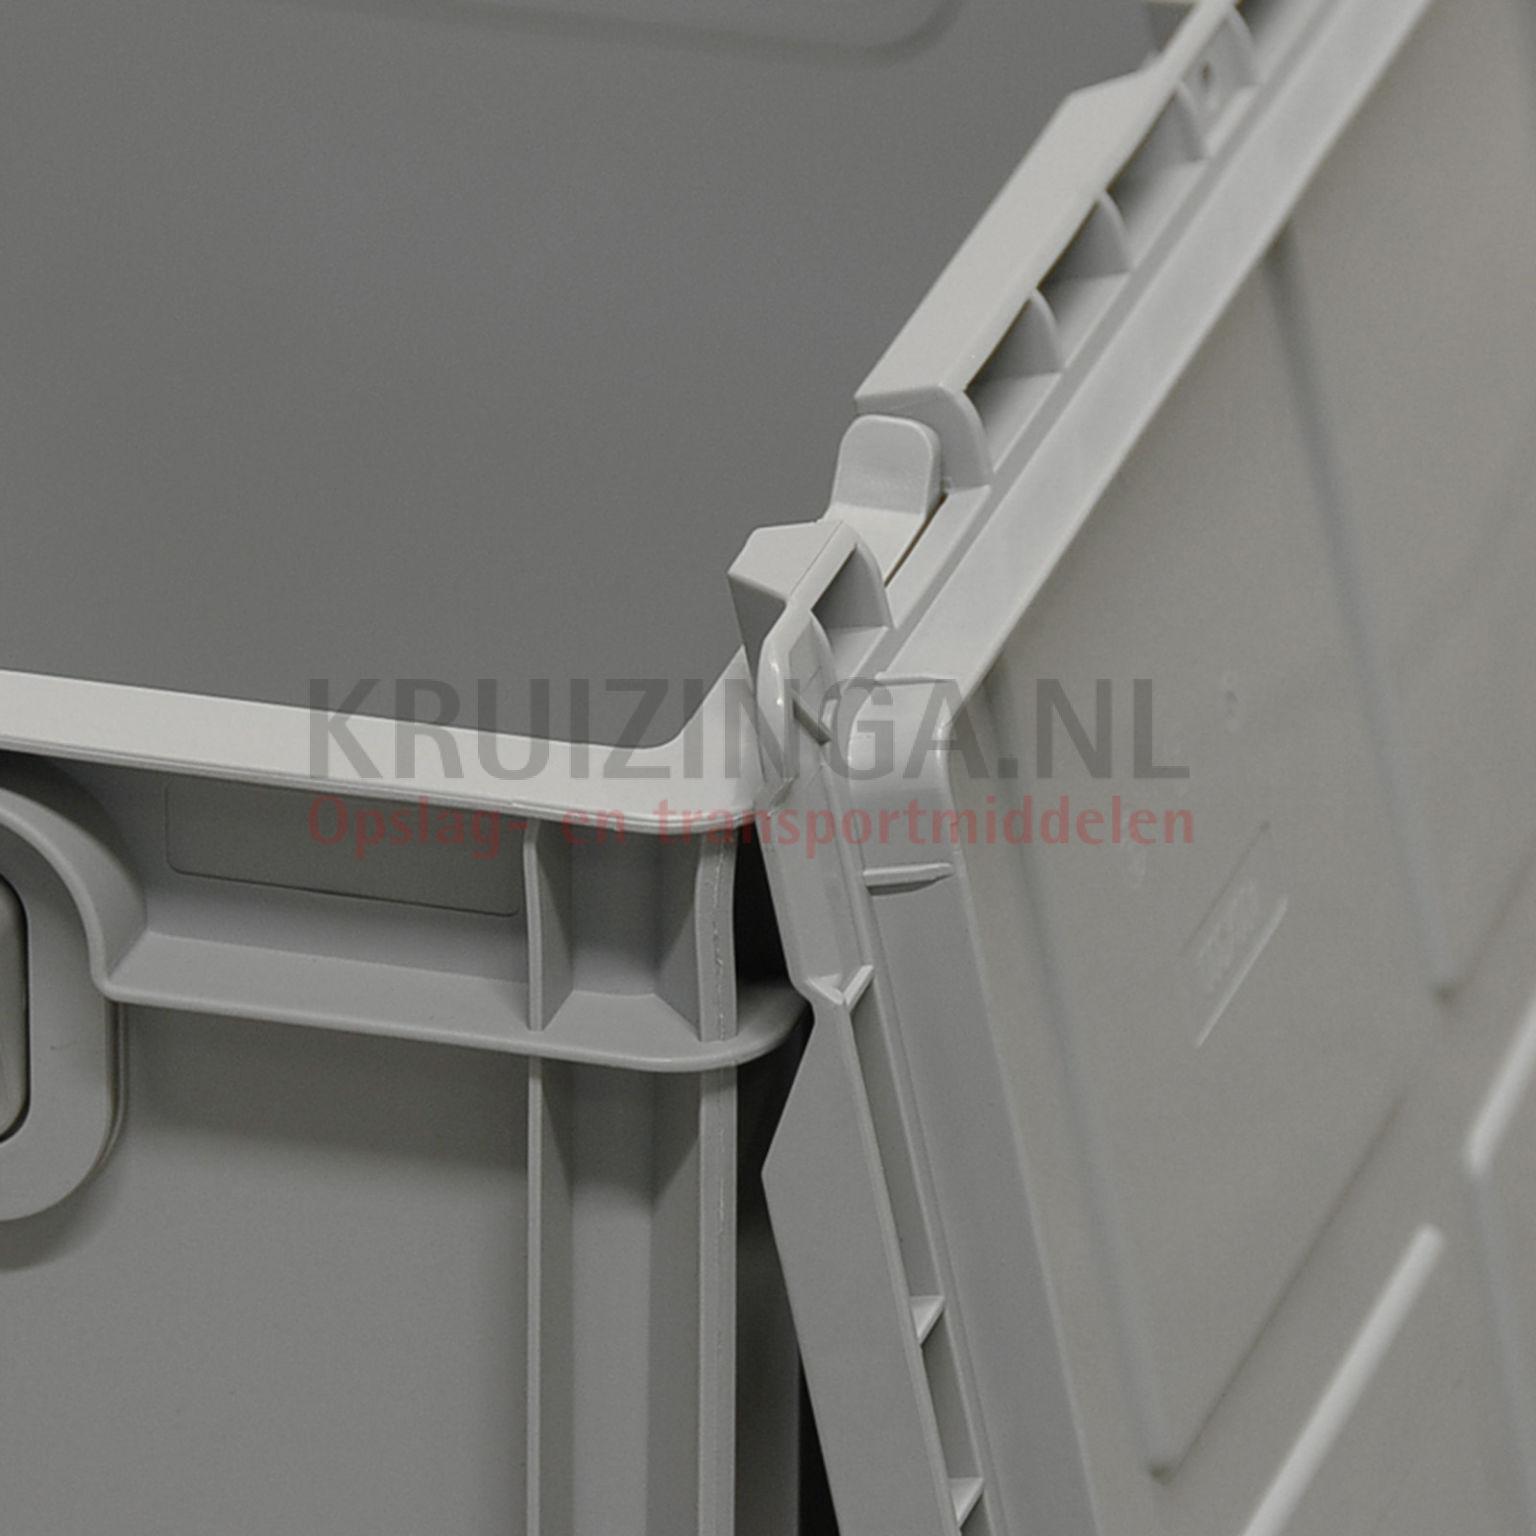 stapelboxen kunststoff zubeh r scharnierdeckel ab 6 60 frei haus. Black Bedroom Furniture Sets. Home Design Ideas